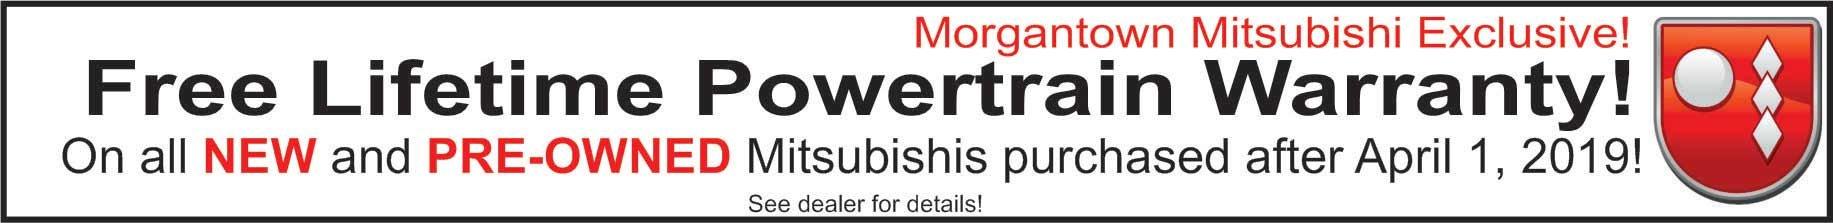 Free Powertrain Warranty